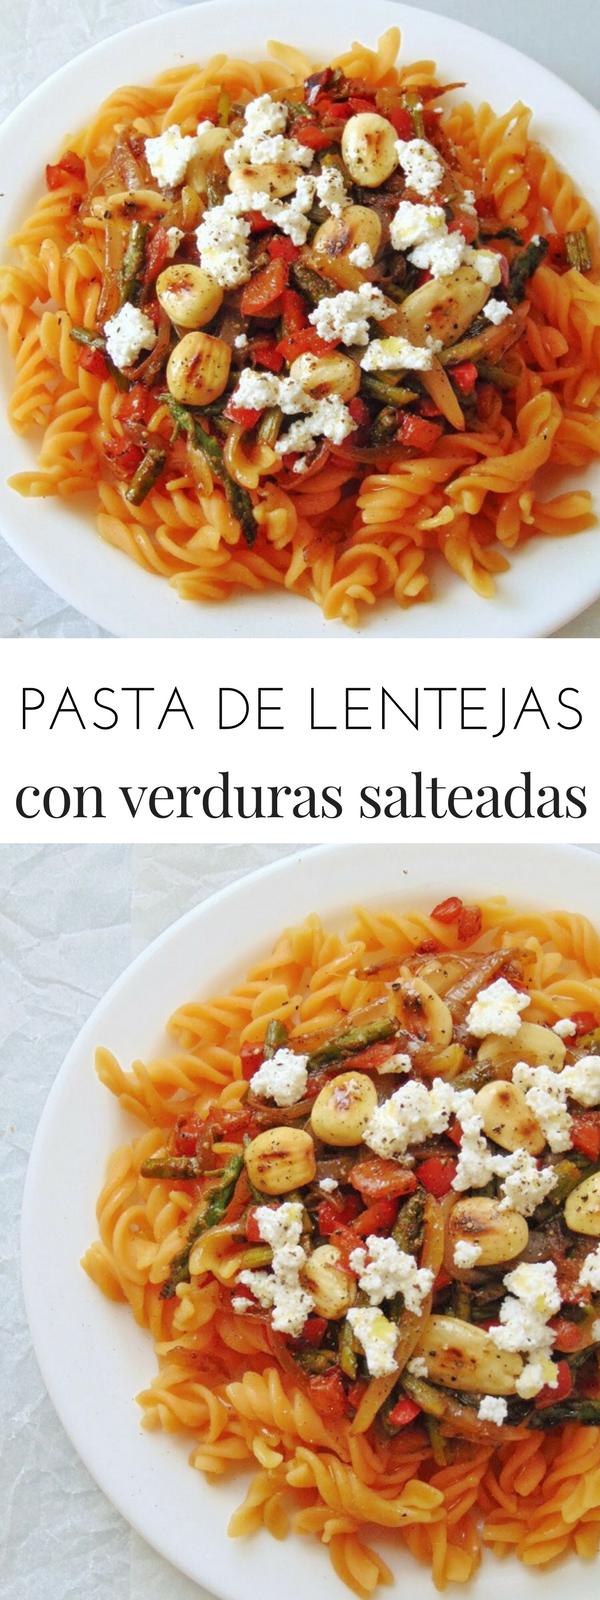 Pasta De Lentejas Con Verduras Y Almendras Receta De Tasty Details Receta Lentejas Con Verduras Lentejas Verduras Salteadas